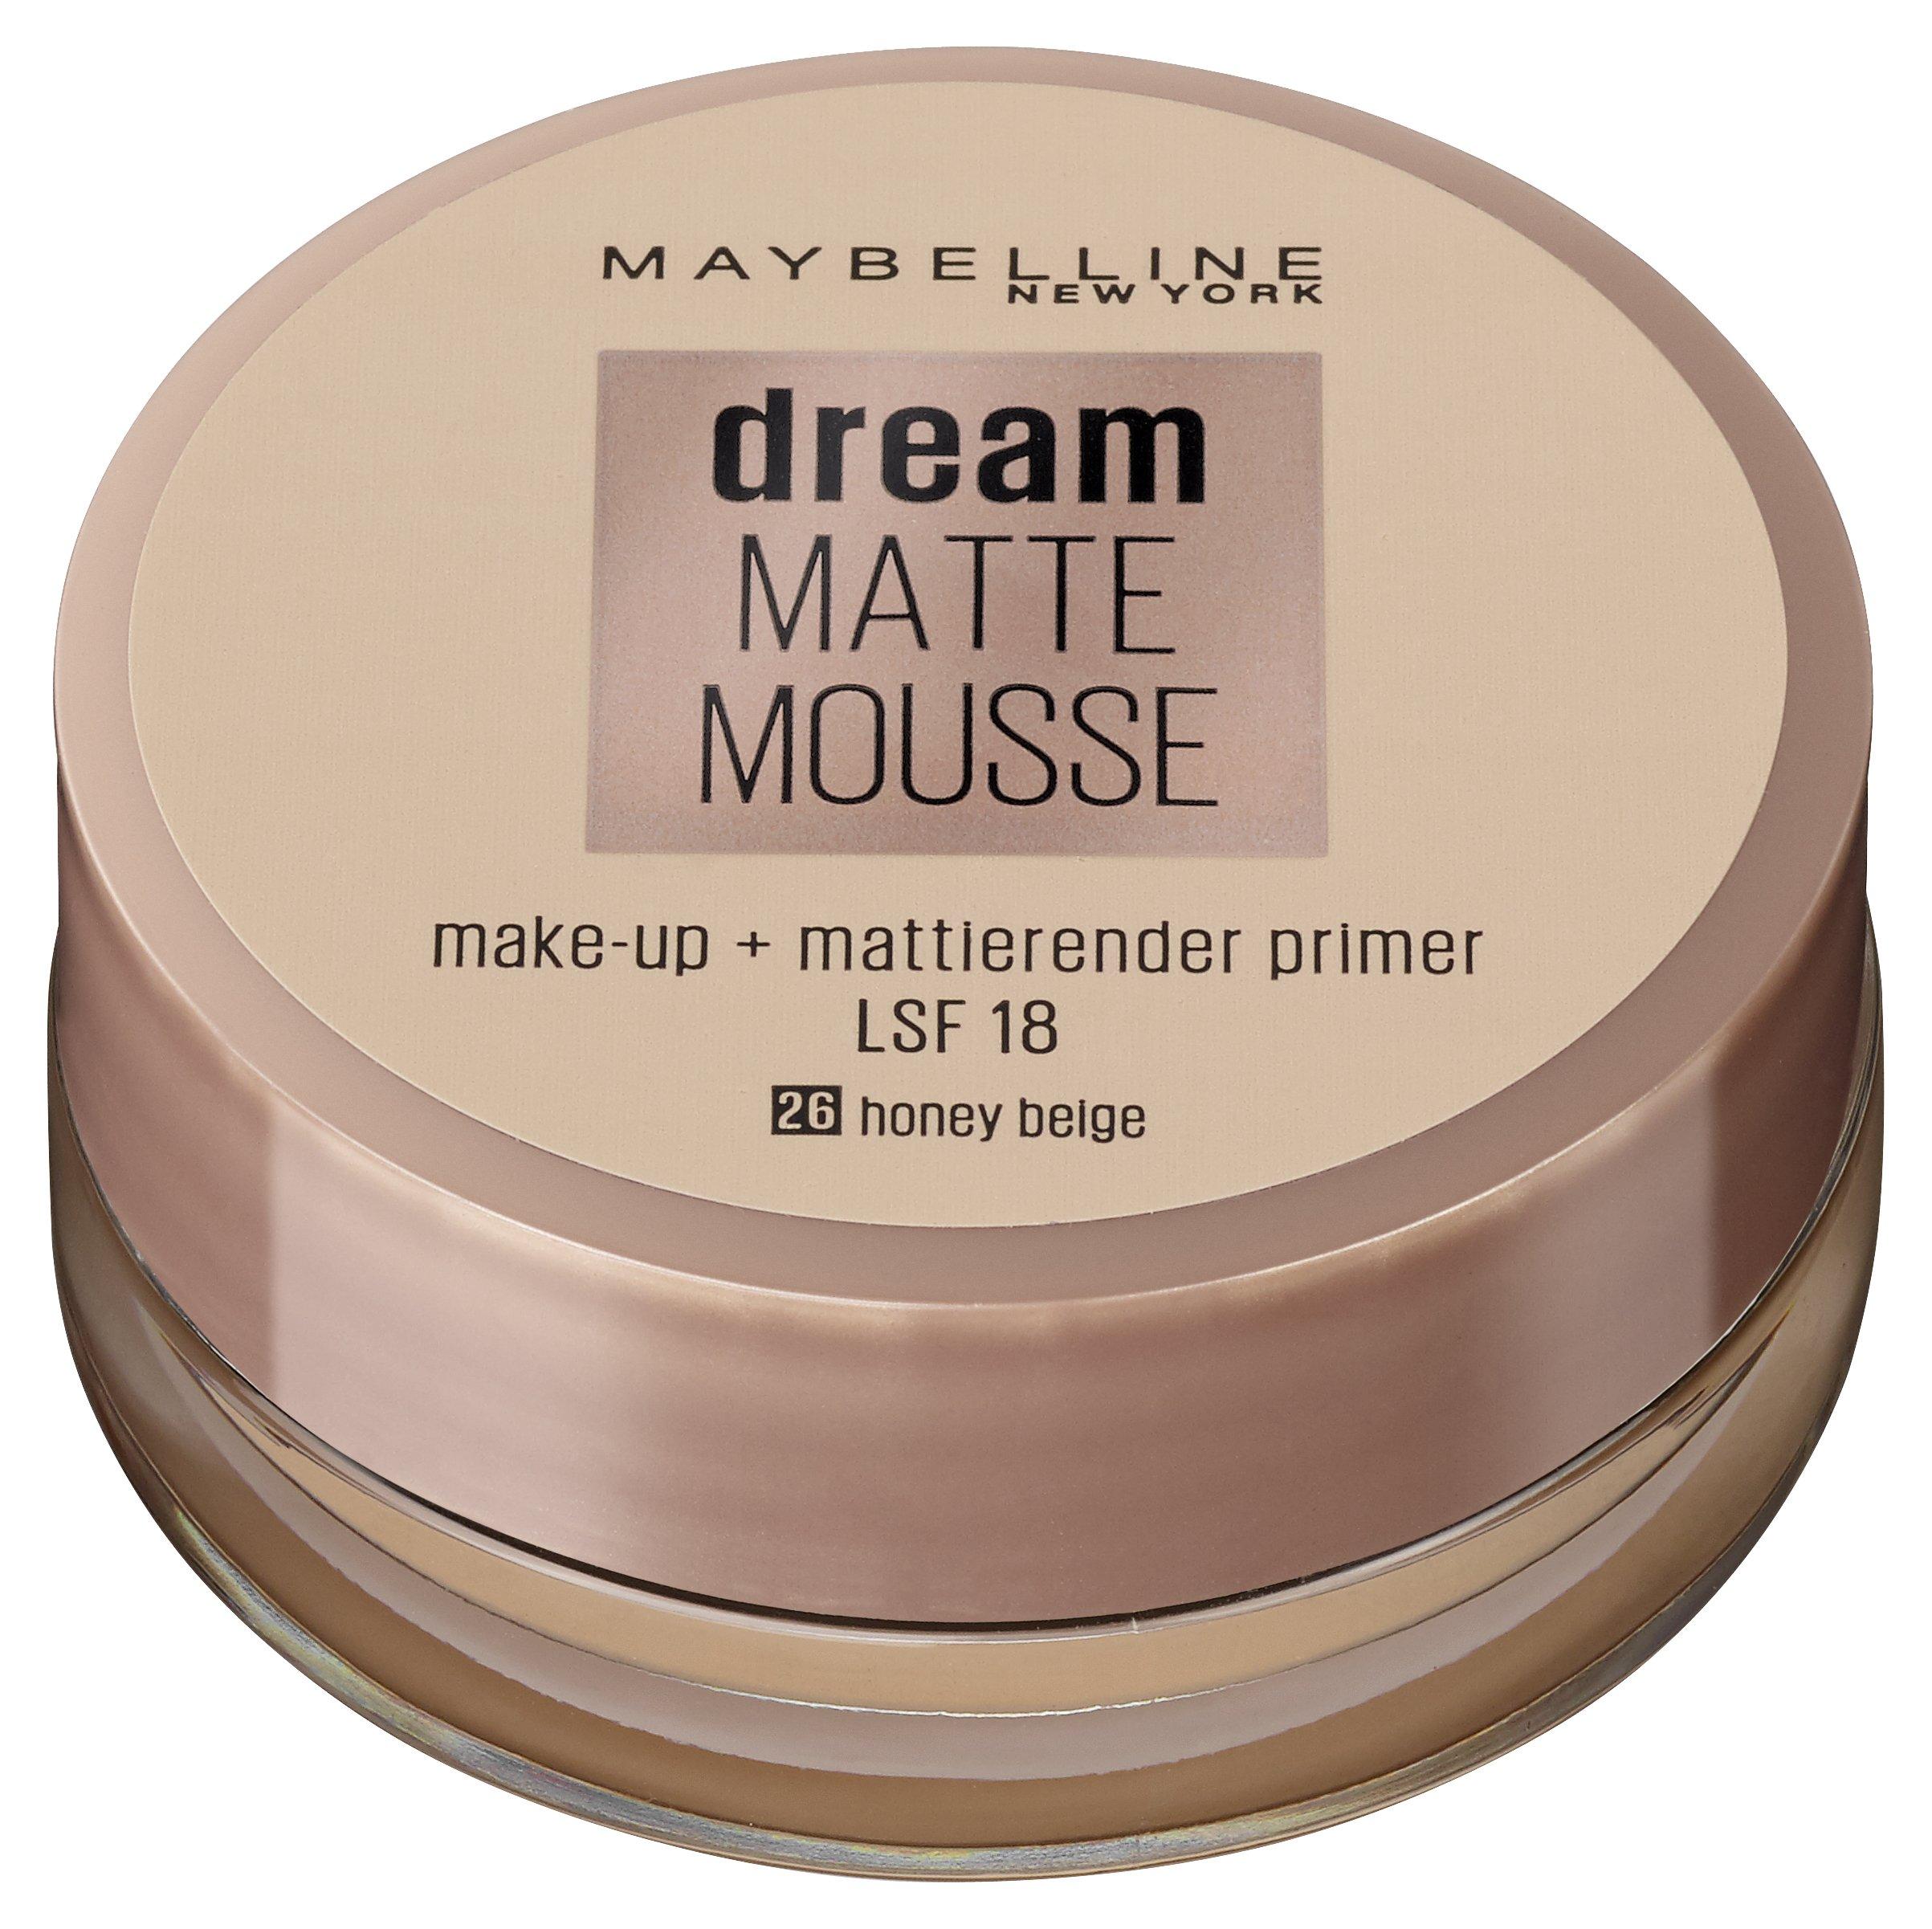 Maybelline Dream Matte Mousse Make-up Nr. 26 Honey Beige, mattierendes Make-up mit luftgeschlagener Mousse-Textur, für ein luftig-leichtes Tragegefühl und wunderbar zarte Haut, 18 ml product image